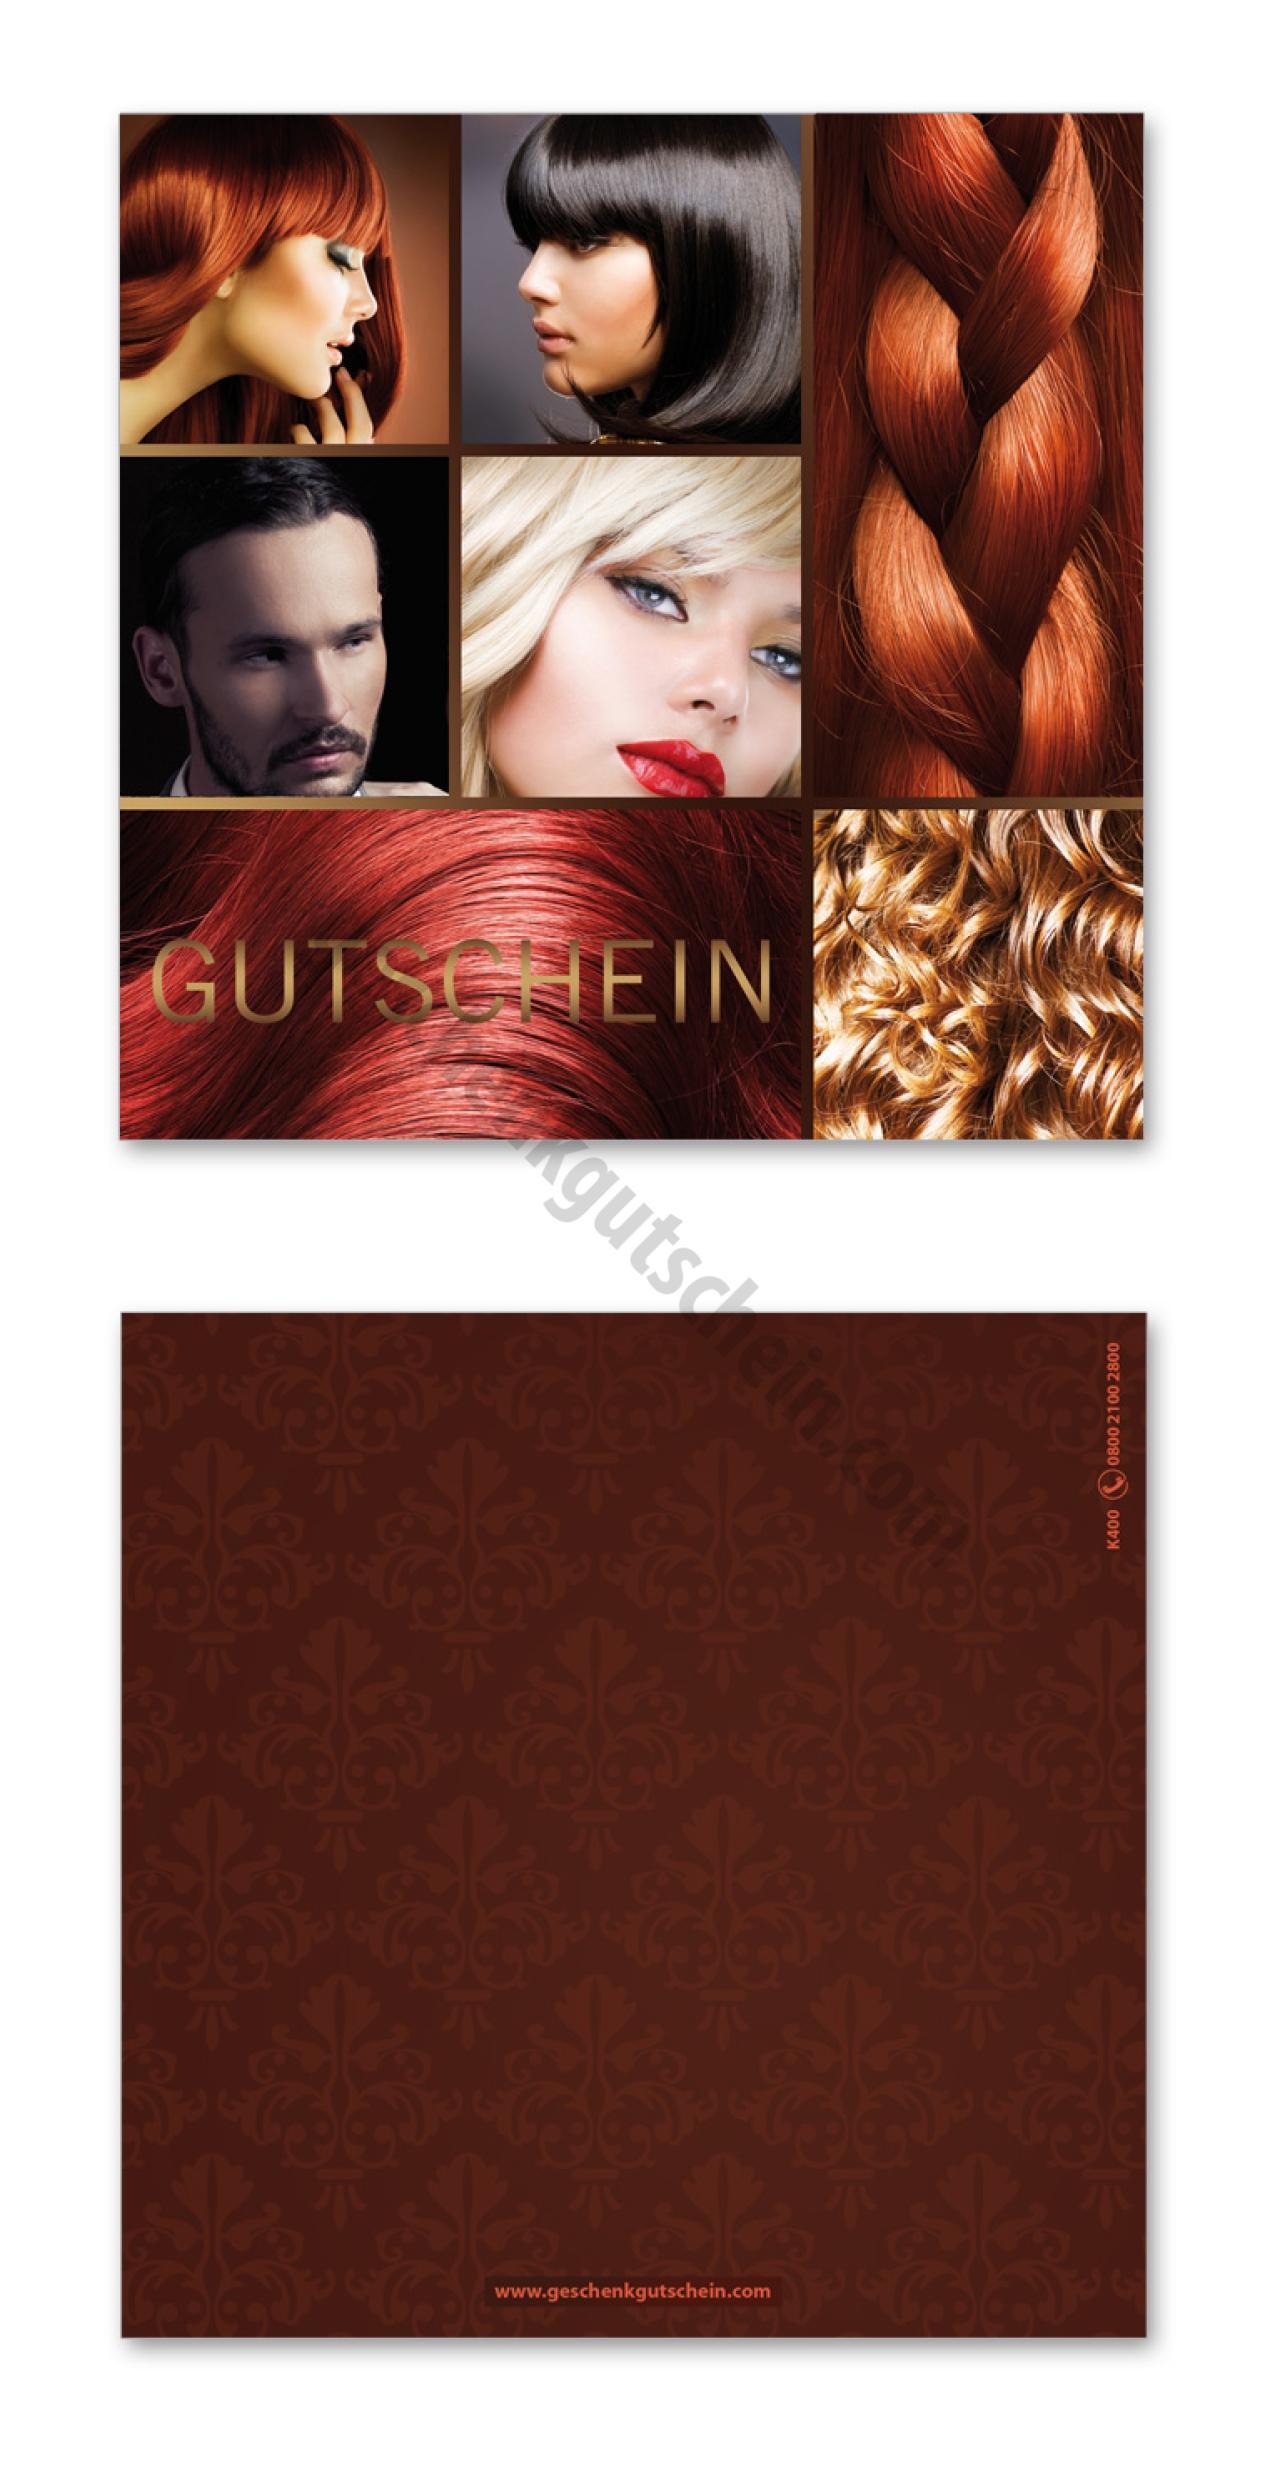 Weihnachtsgeschenke Für Kunden Friseur.K400 4emotion Gutschein Friseurgeschäft Friseursalon Friseur